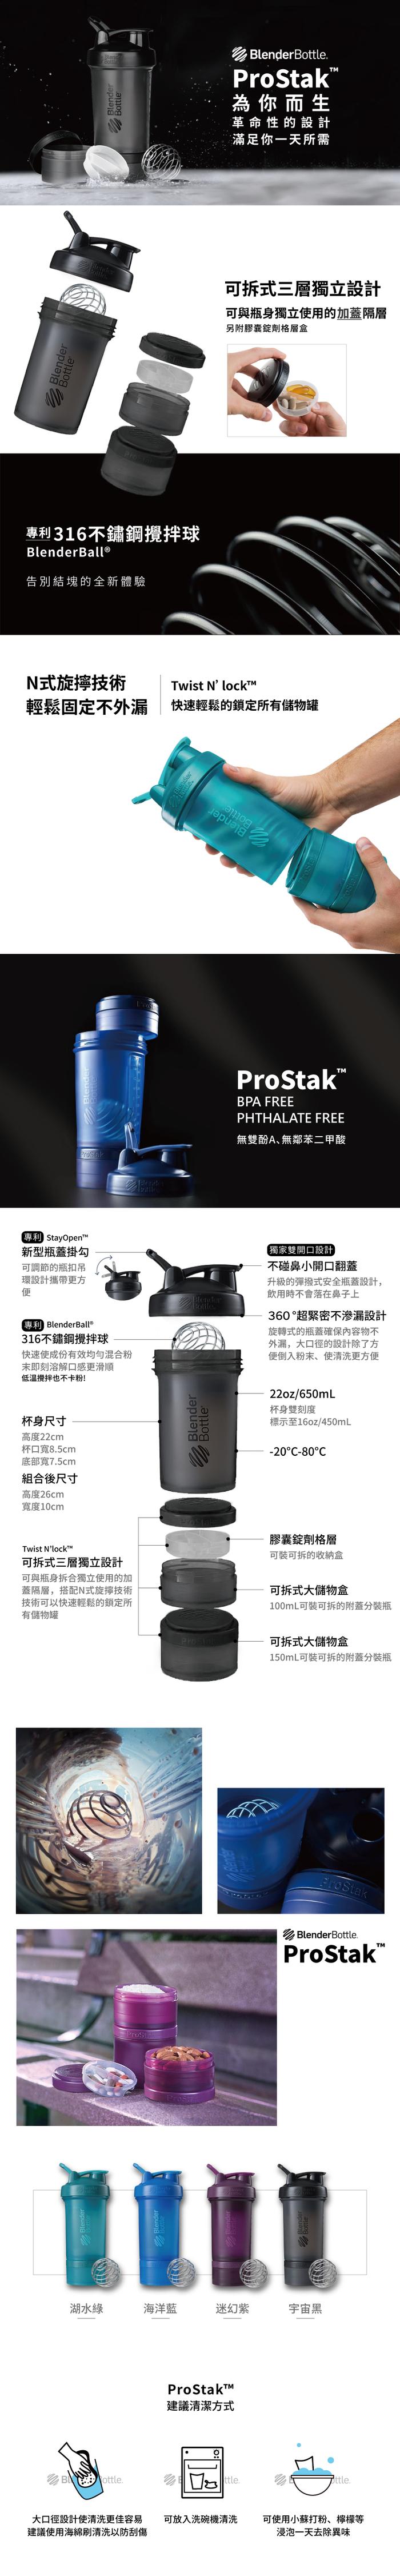 Blender Bottle|《ProStak系列》多層分裝可拆式運動搖搖杯(4色可選)